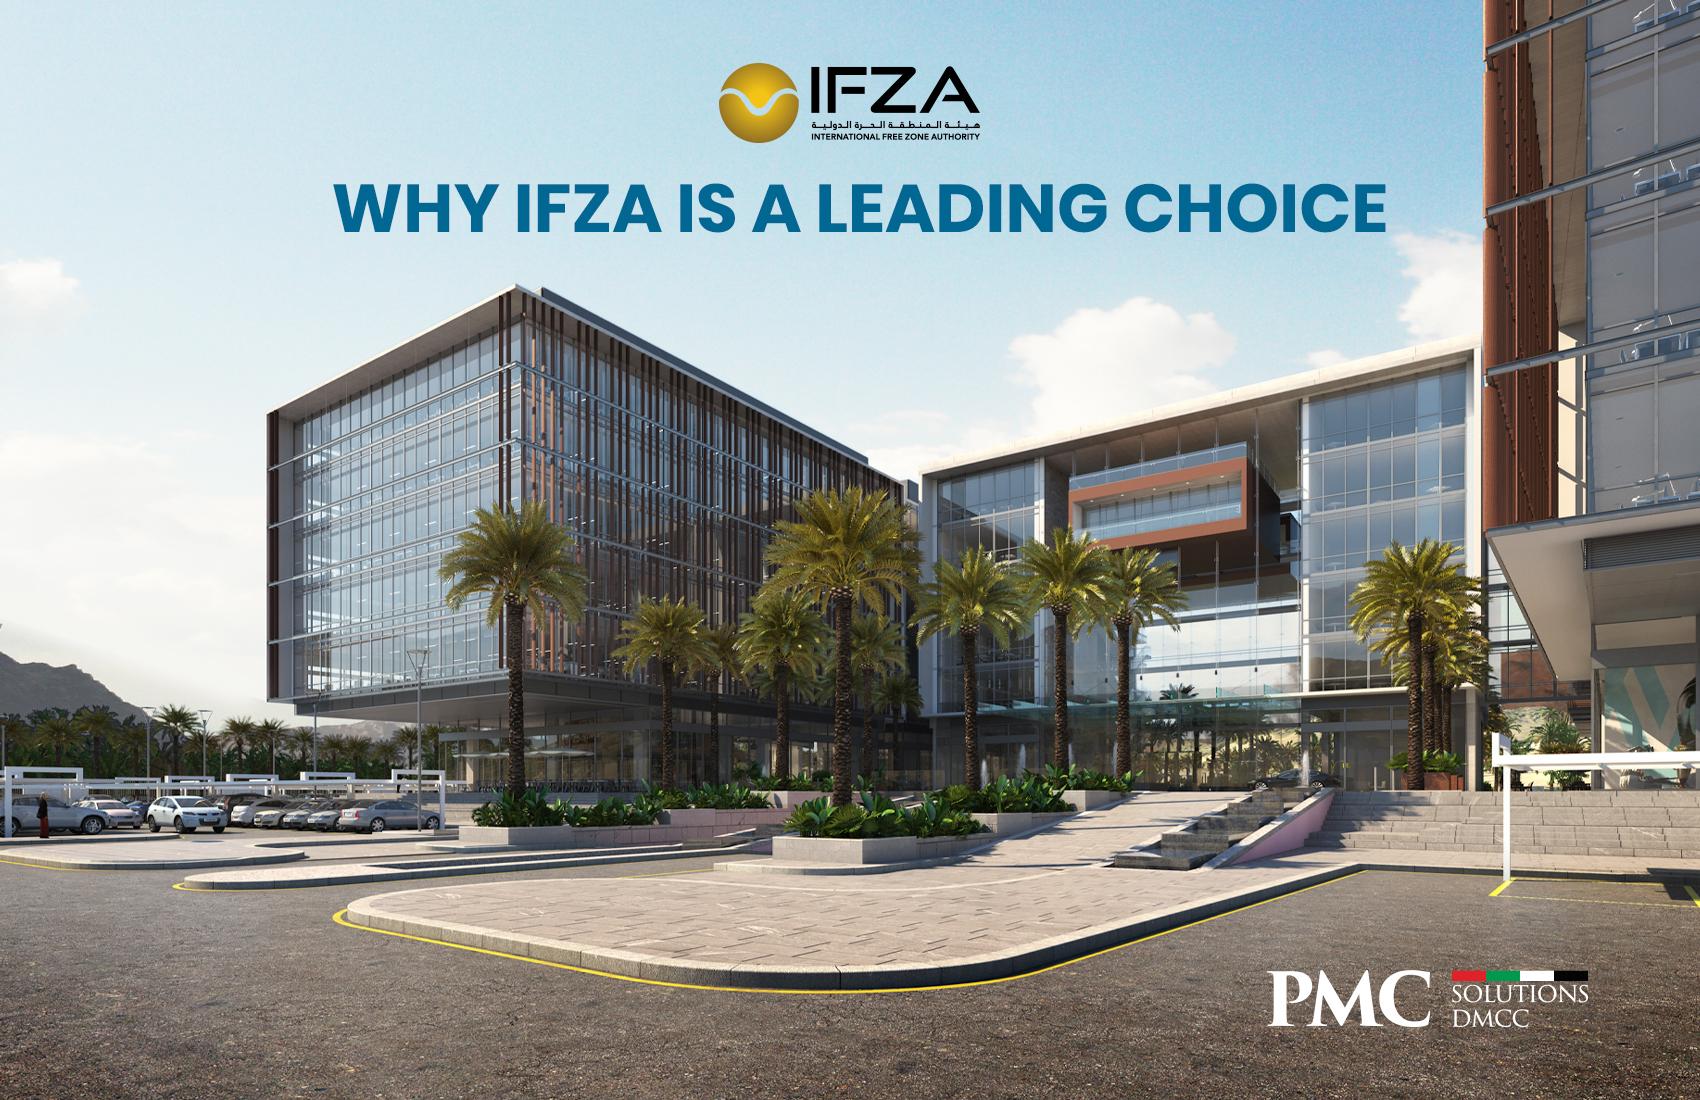 International Free Zone Authority (IFZA), Fujairah